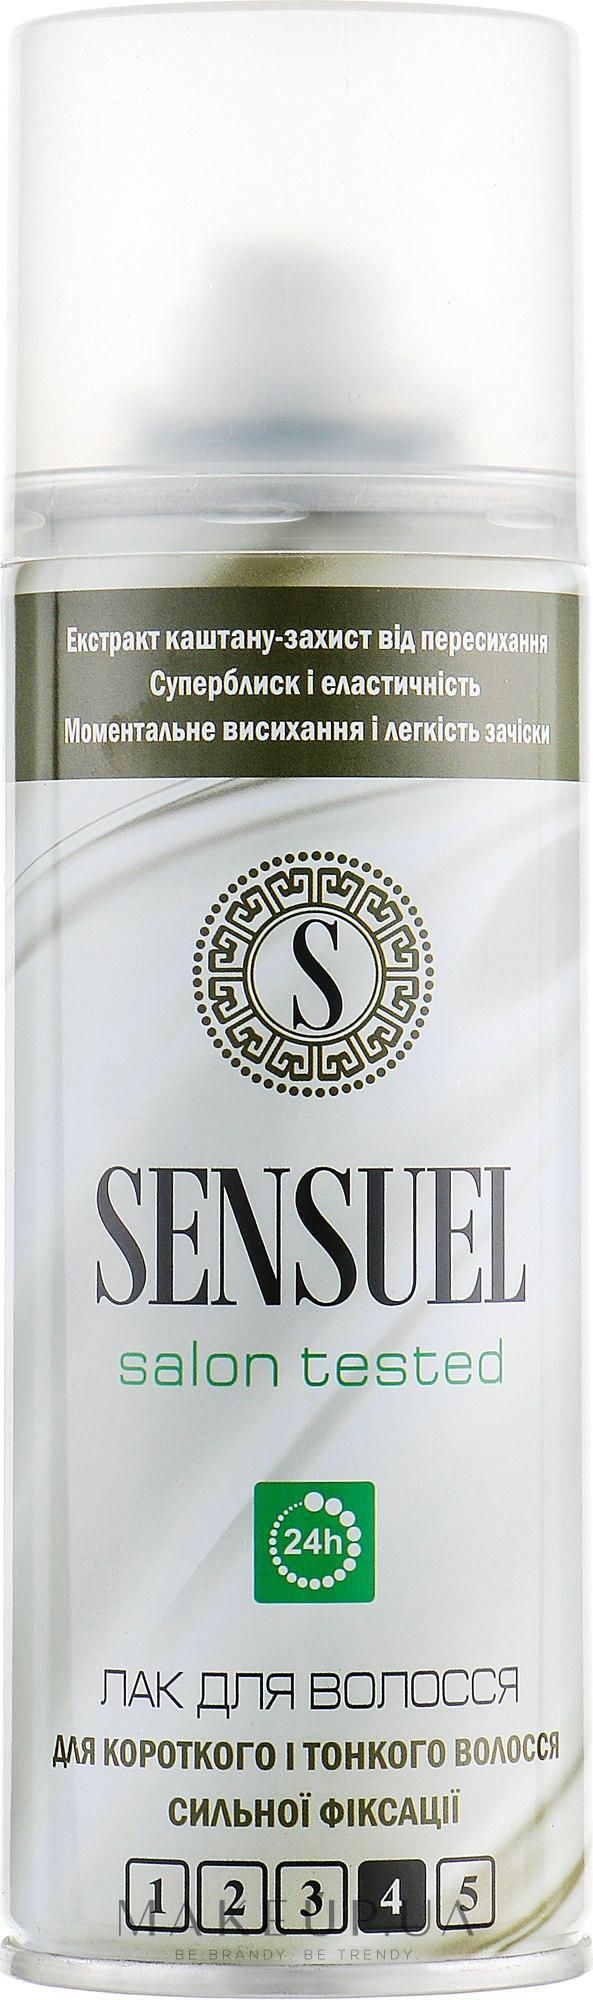 """Лак для волос """"Сильная фиксация"""" - Sensuel — фото 200ml"""